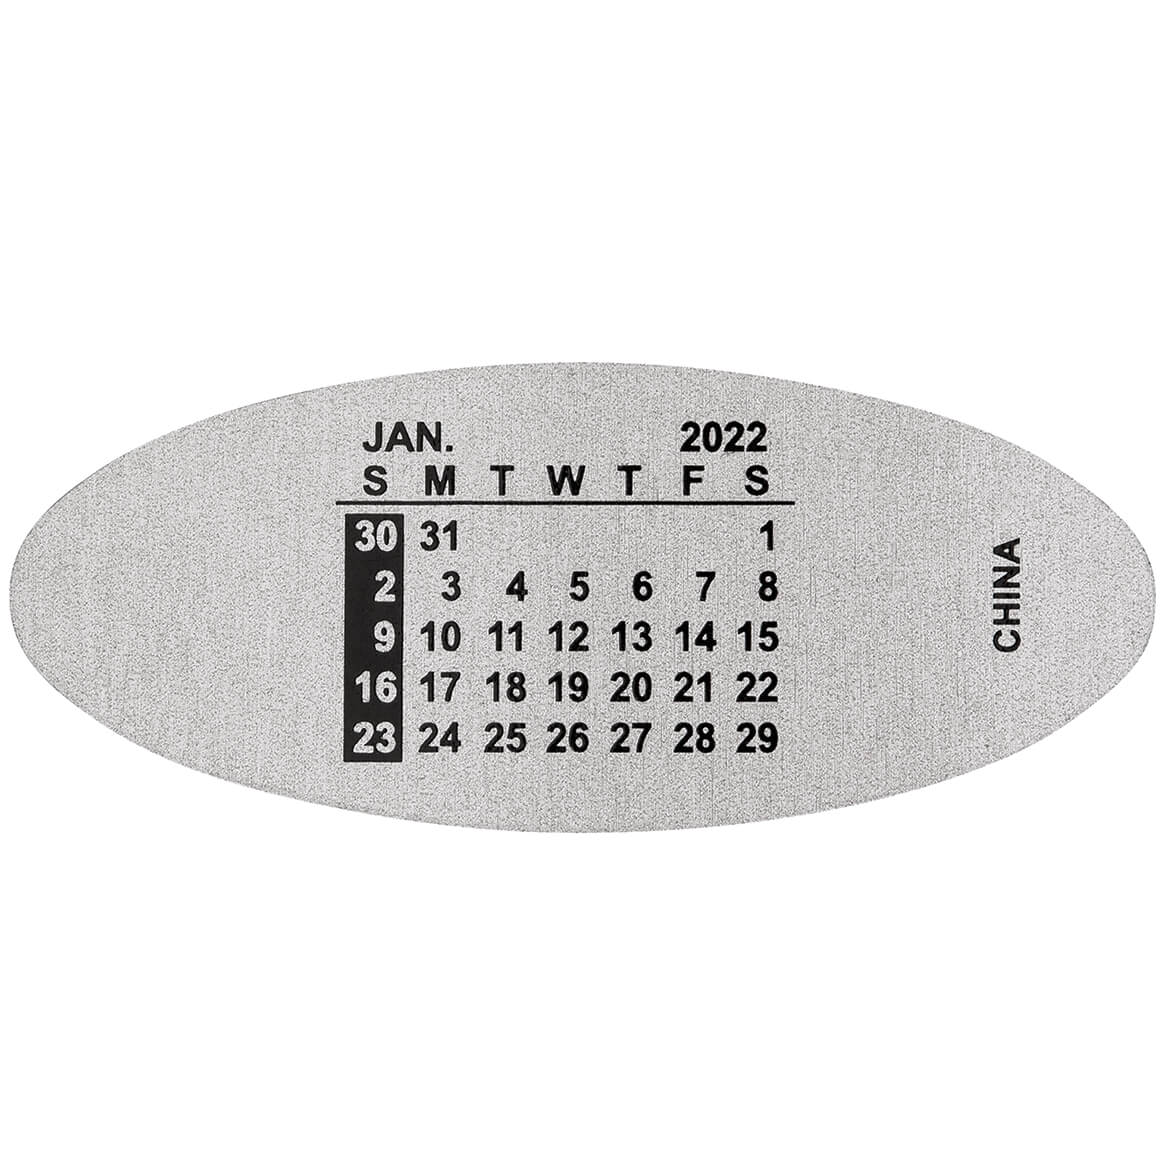 Watchband Calendar Plates-309930